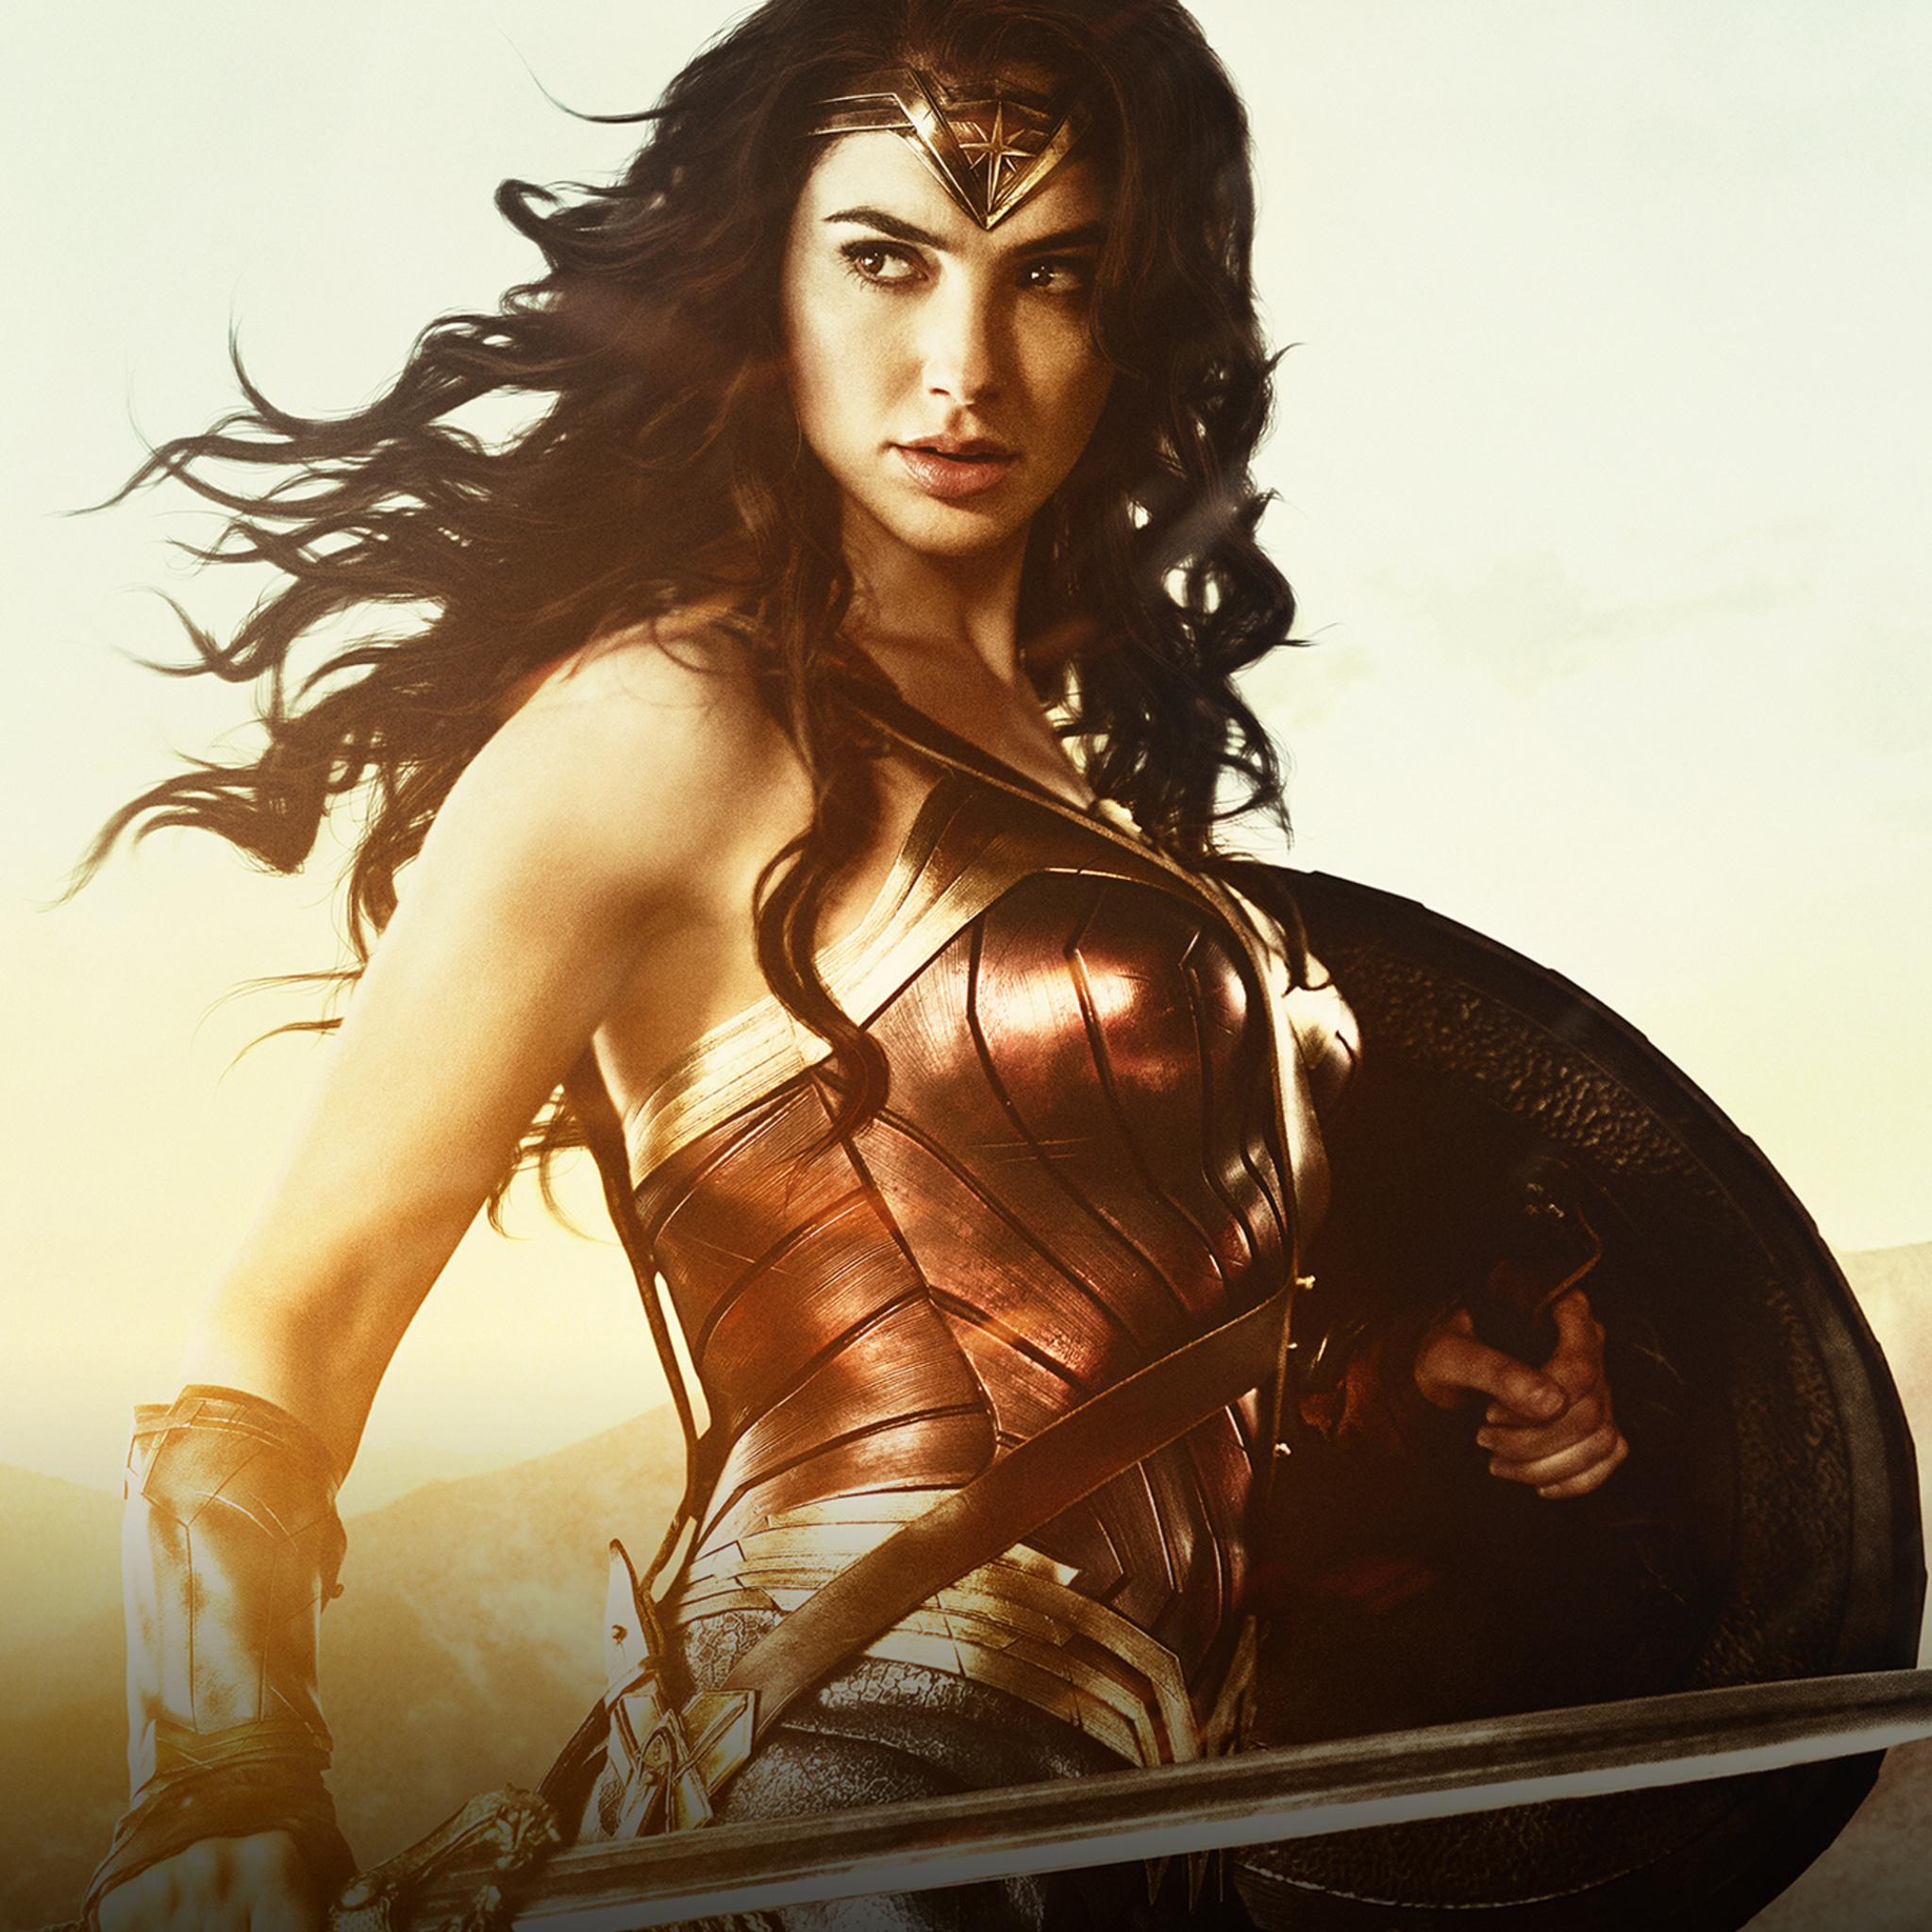 2048x2048 Gal Gadot Wonder Woman Hd Ipad Air Hd 4k Wallpapers